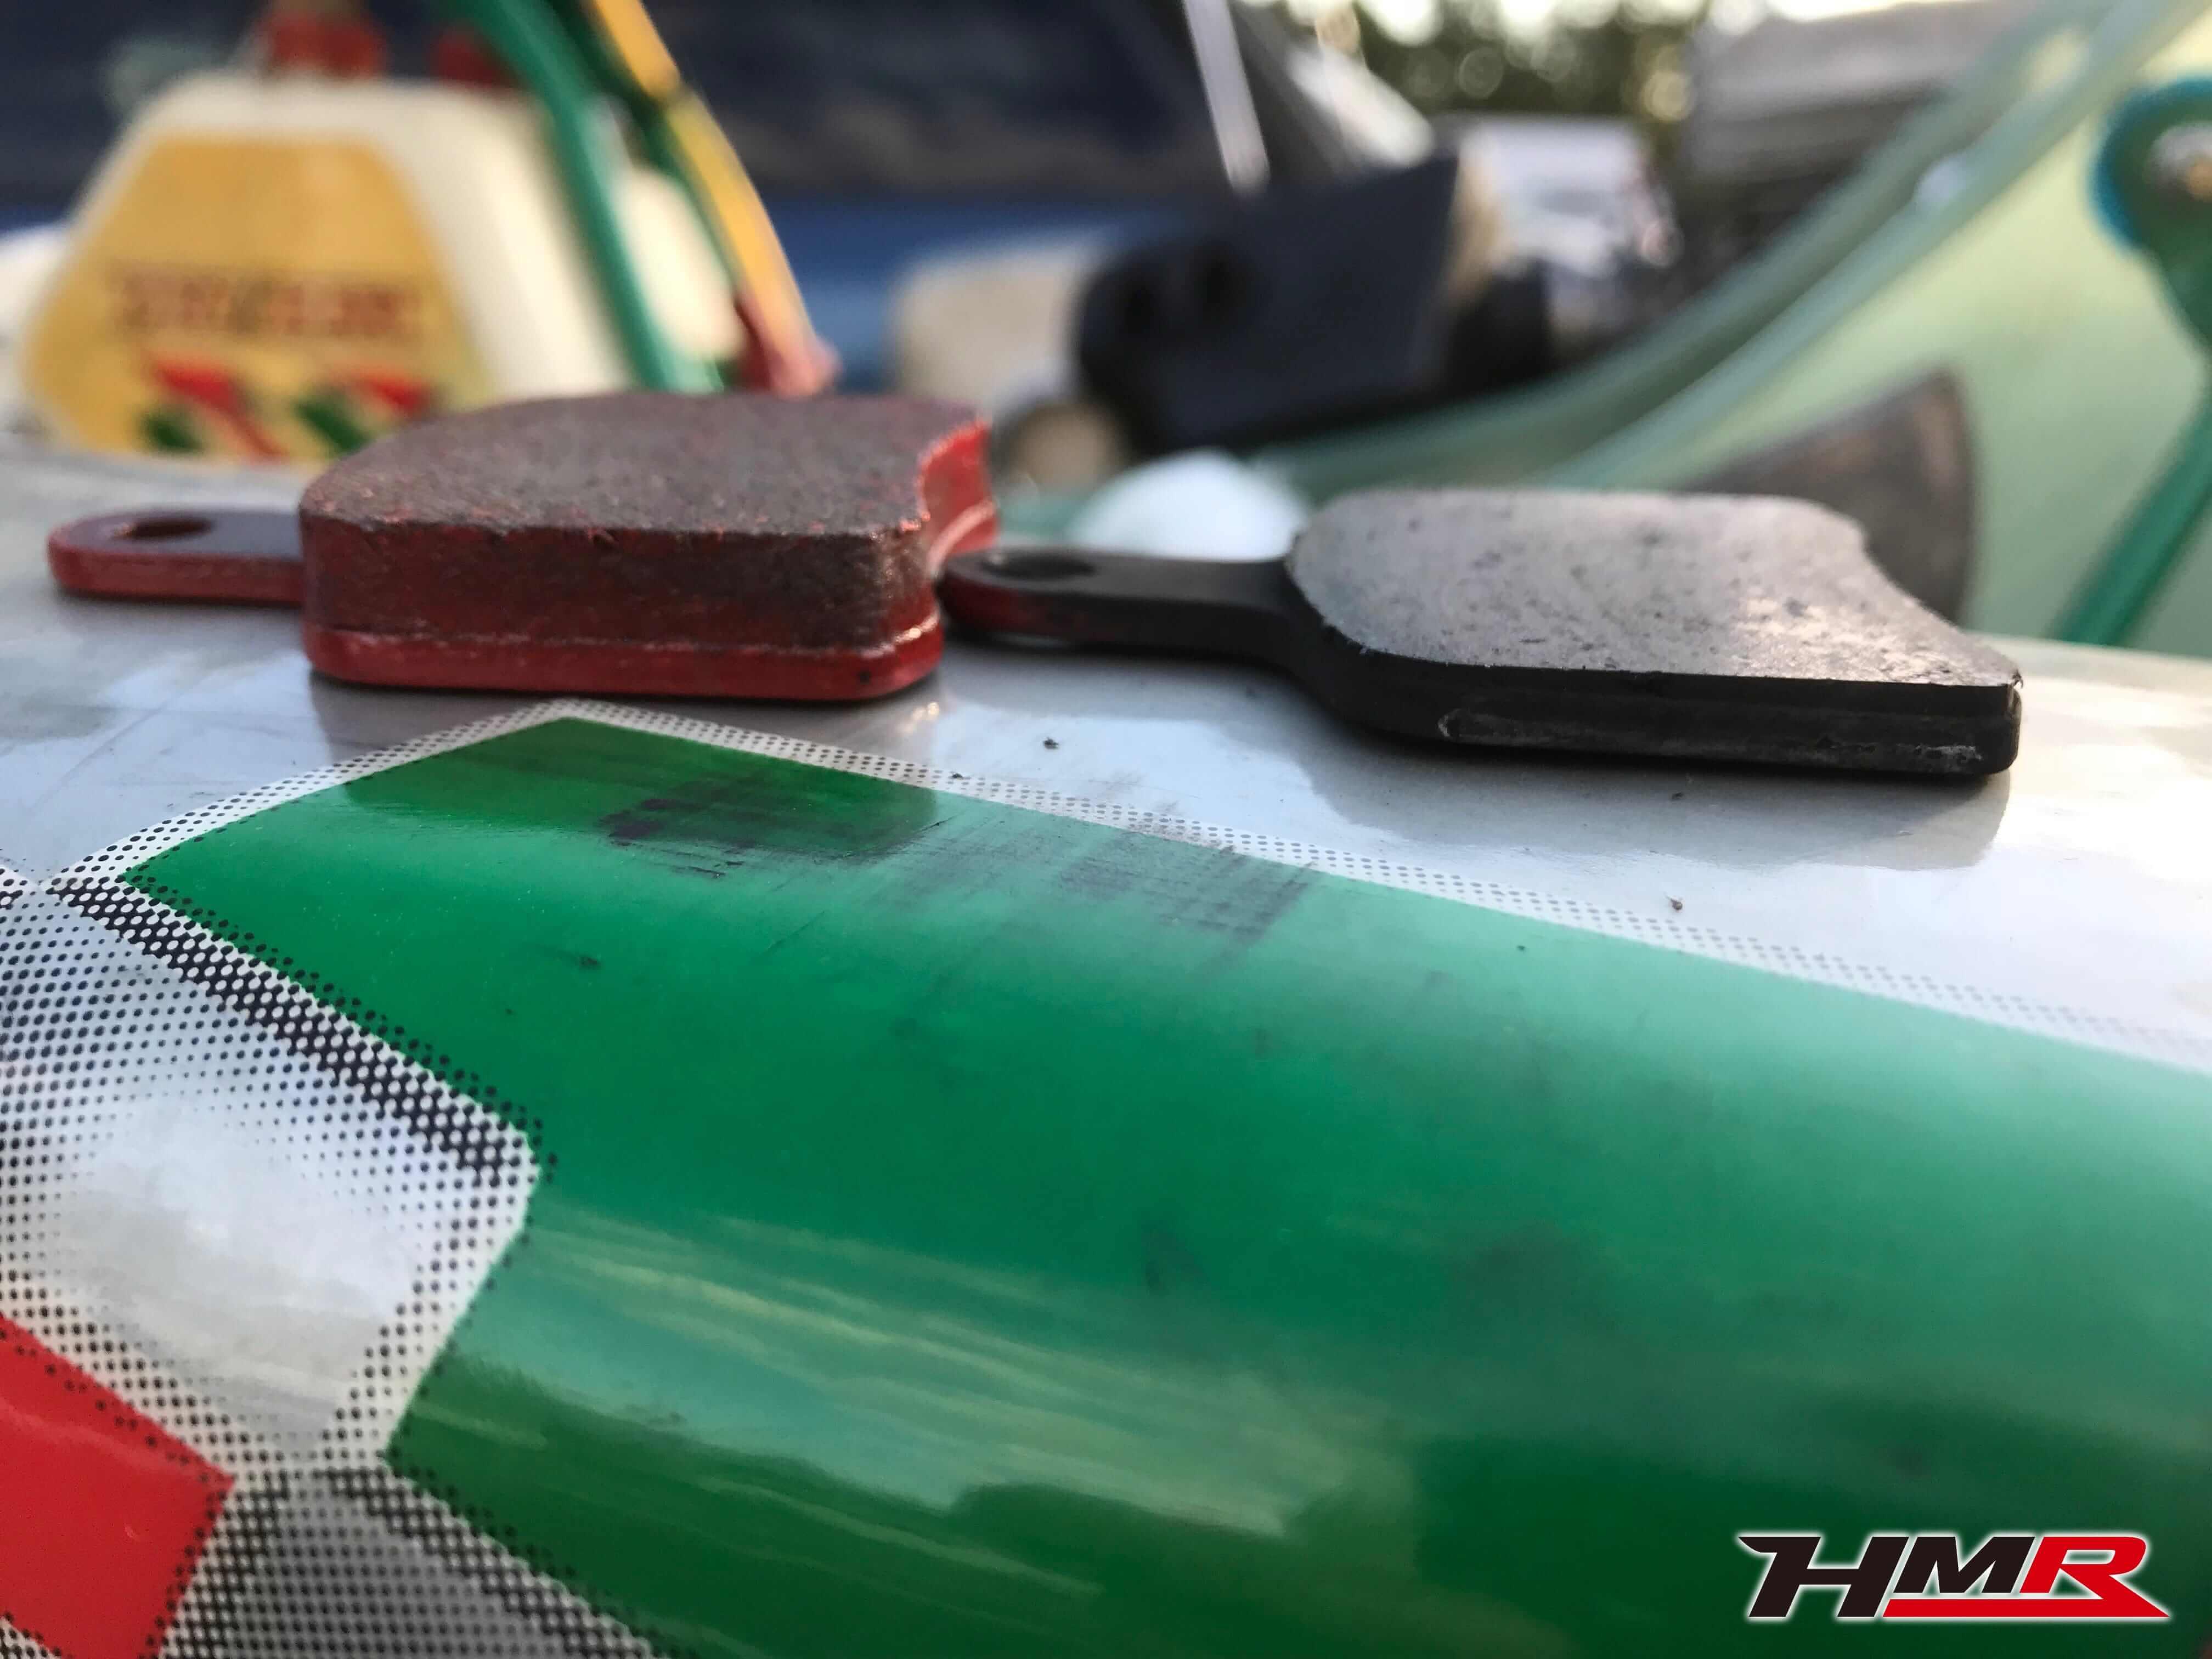 レーシングカートブレーキパッド画像